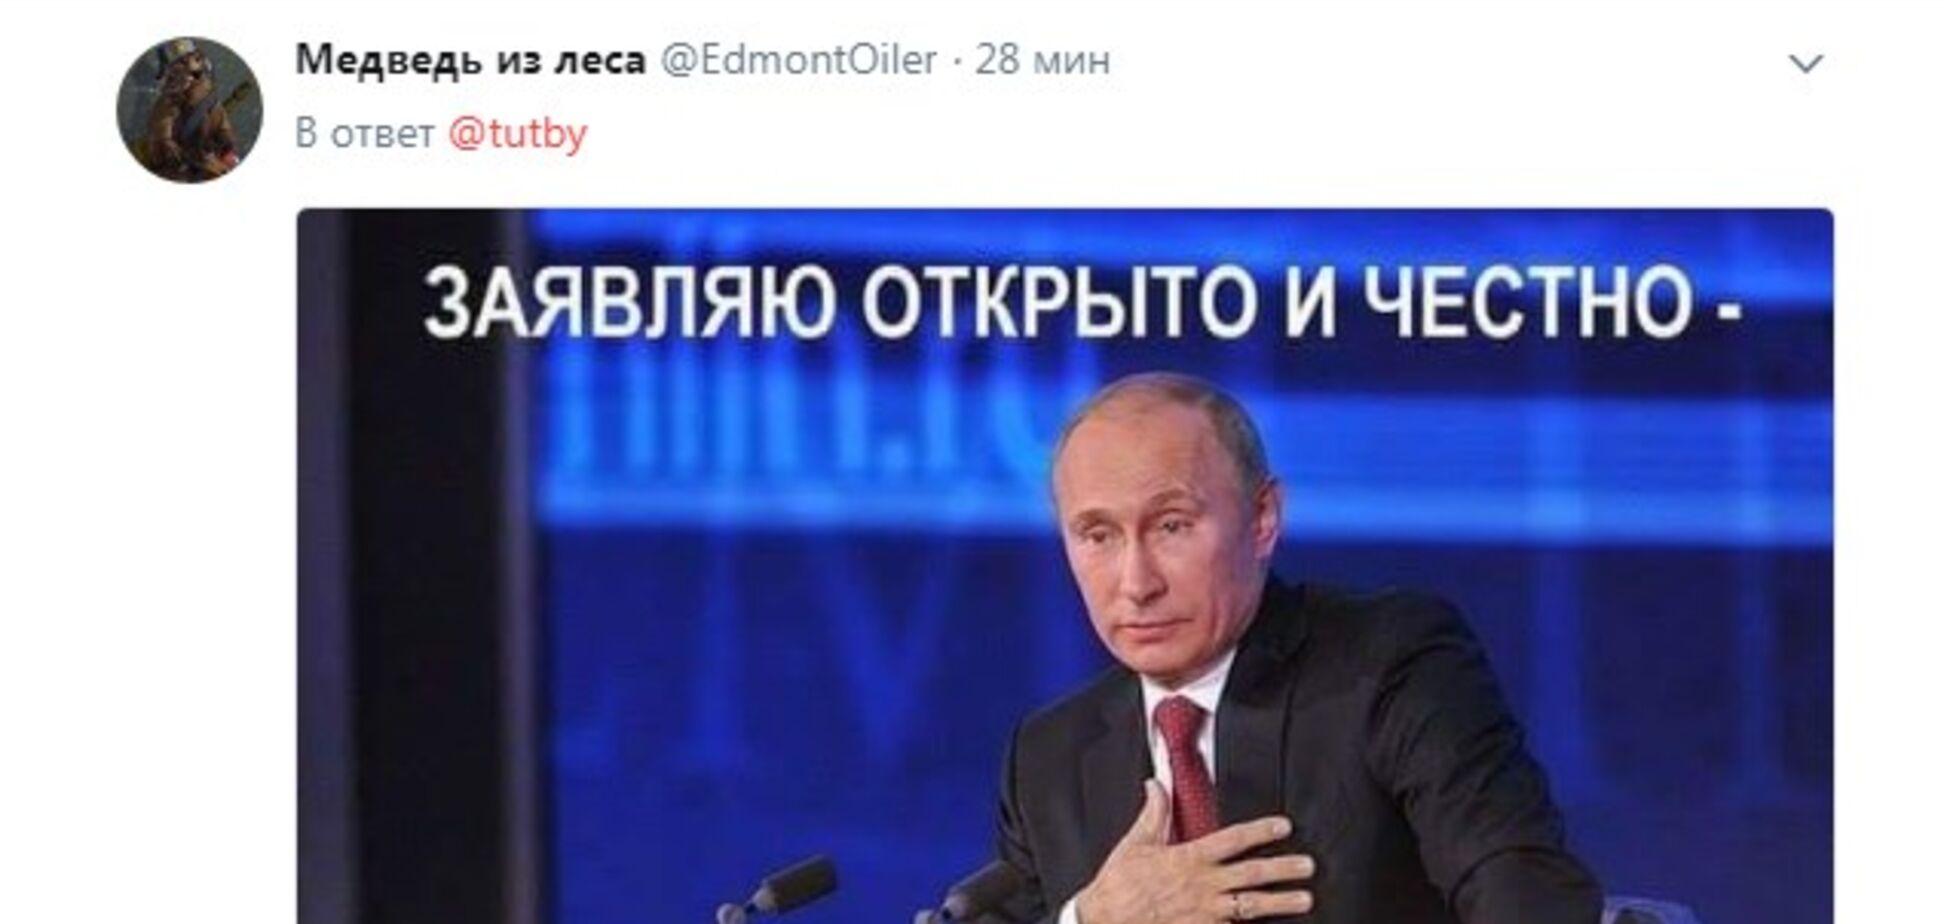 Узнали все: в Беларуси 'Путин' напал на пенсионерку с ножом